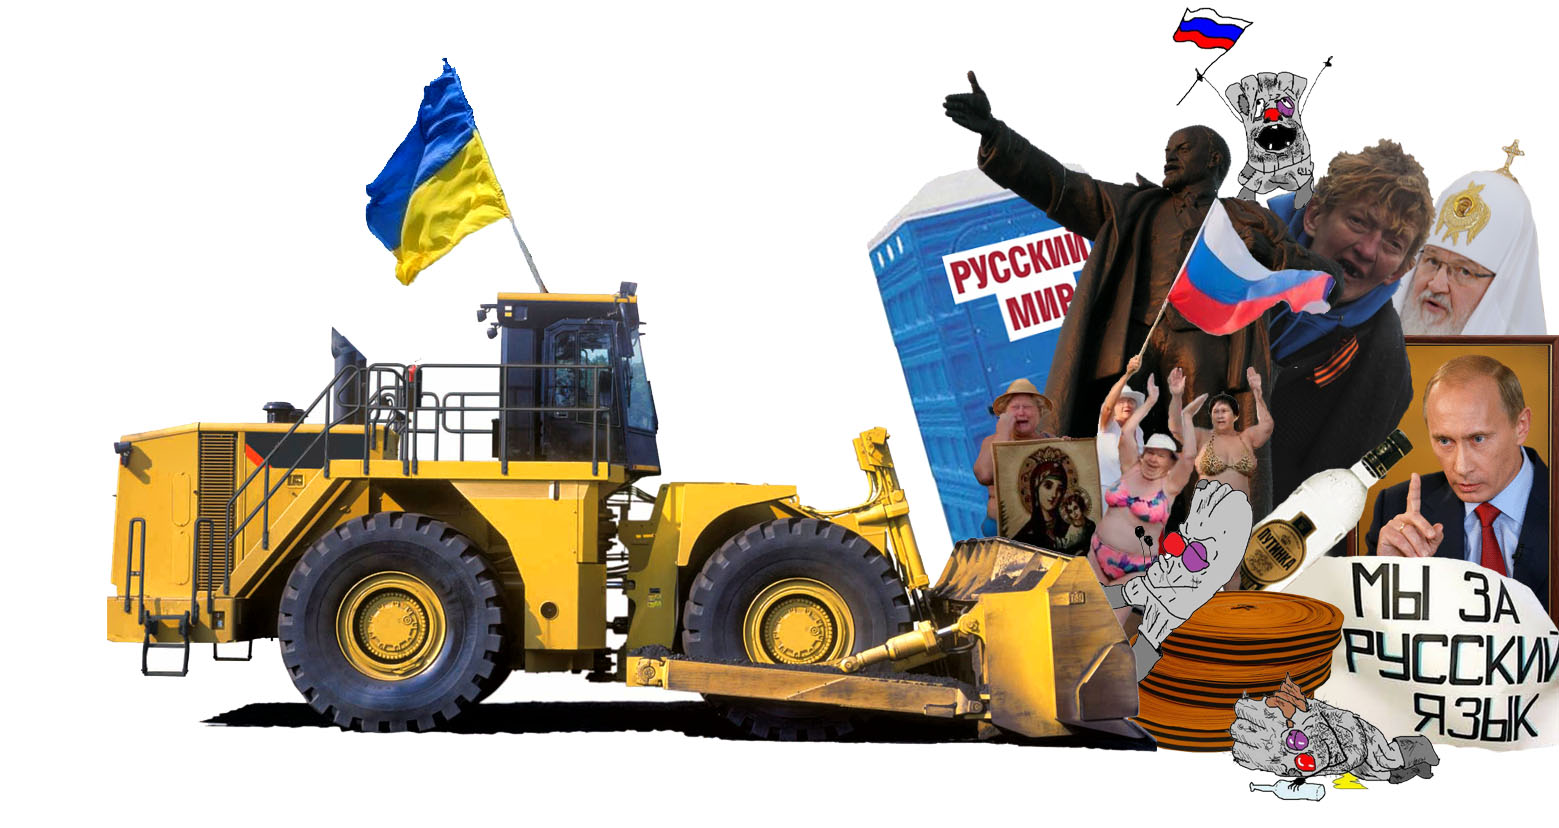 Жители Херсонской области не поддерживают сепаратизм, - губернатор - Цензор.НЕТ 5792